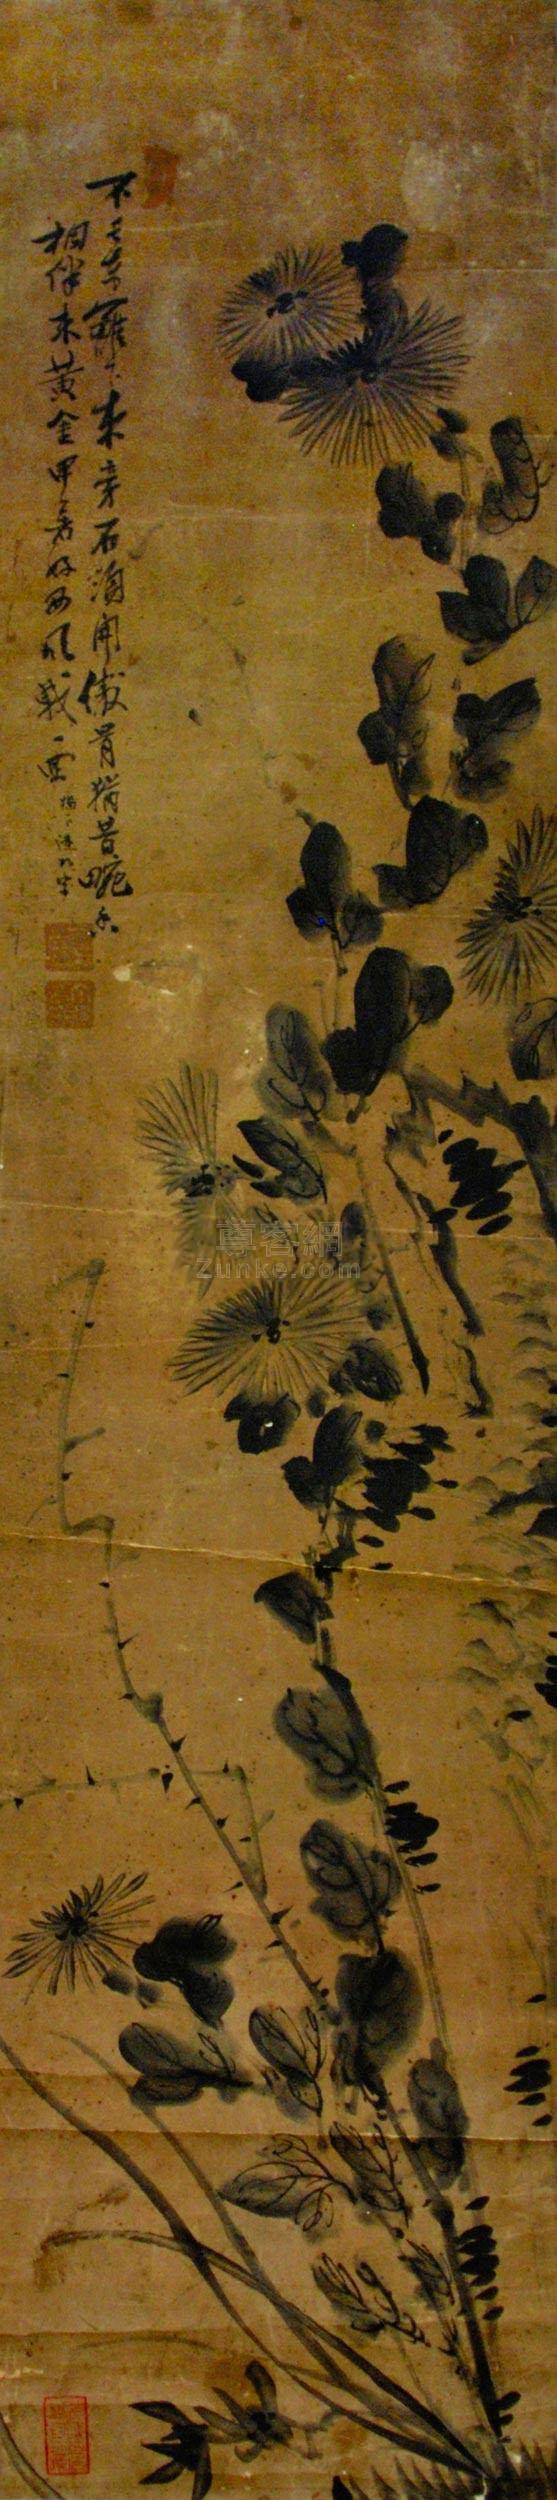 佚名 秋菊图 立轴 纸本作品欣赏